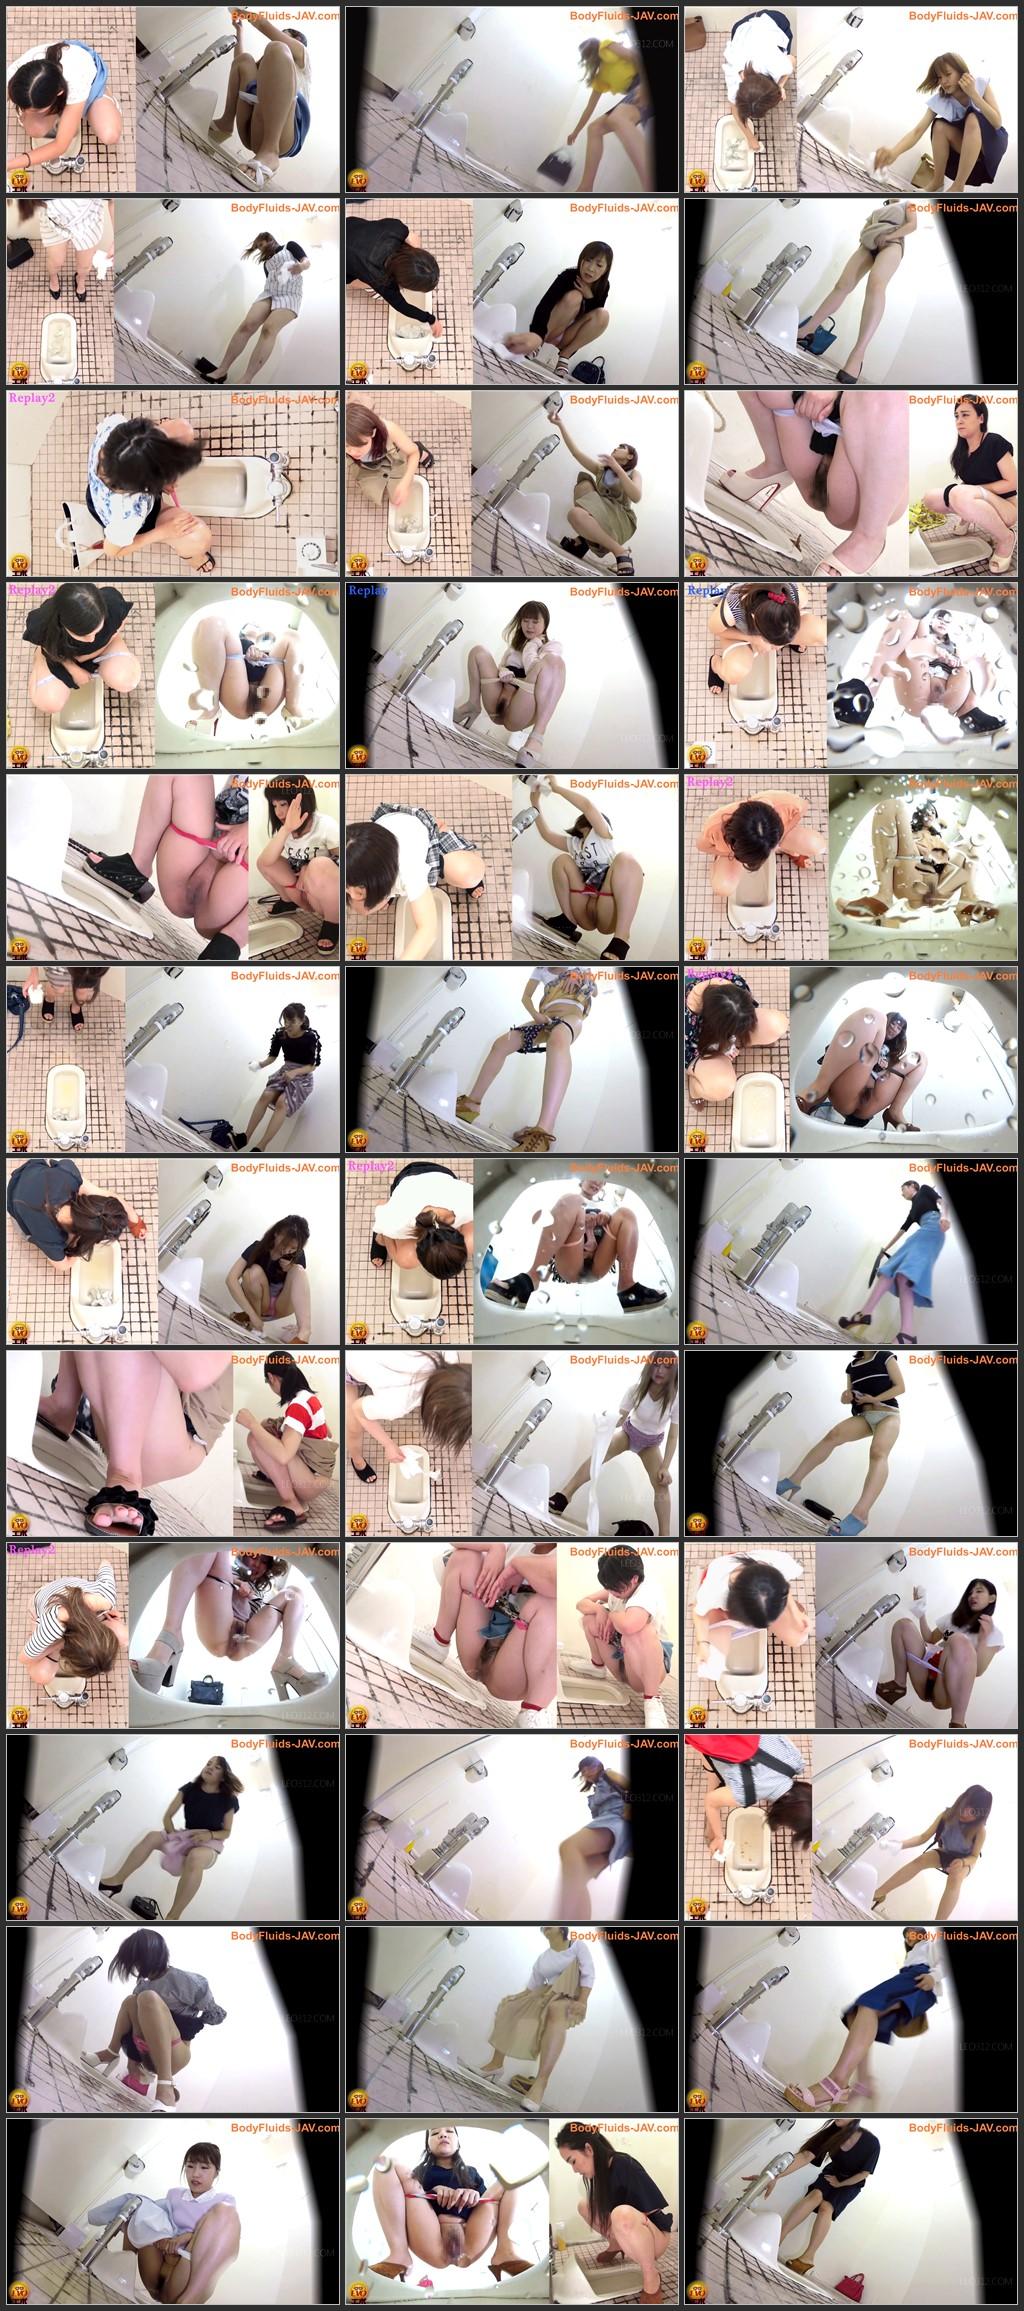 EE 330 - [EE-330] - トイレ盗撮 あわてた大量尿女子 便器外はみだしおしっこ2盗撮 盗撮 トイレ(盗撮) スカトロ スカトロ 放尿